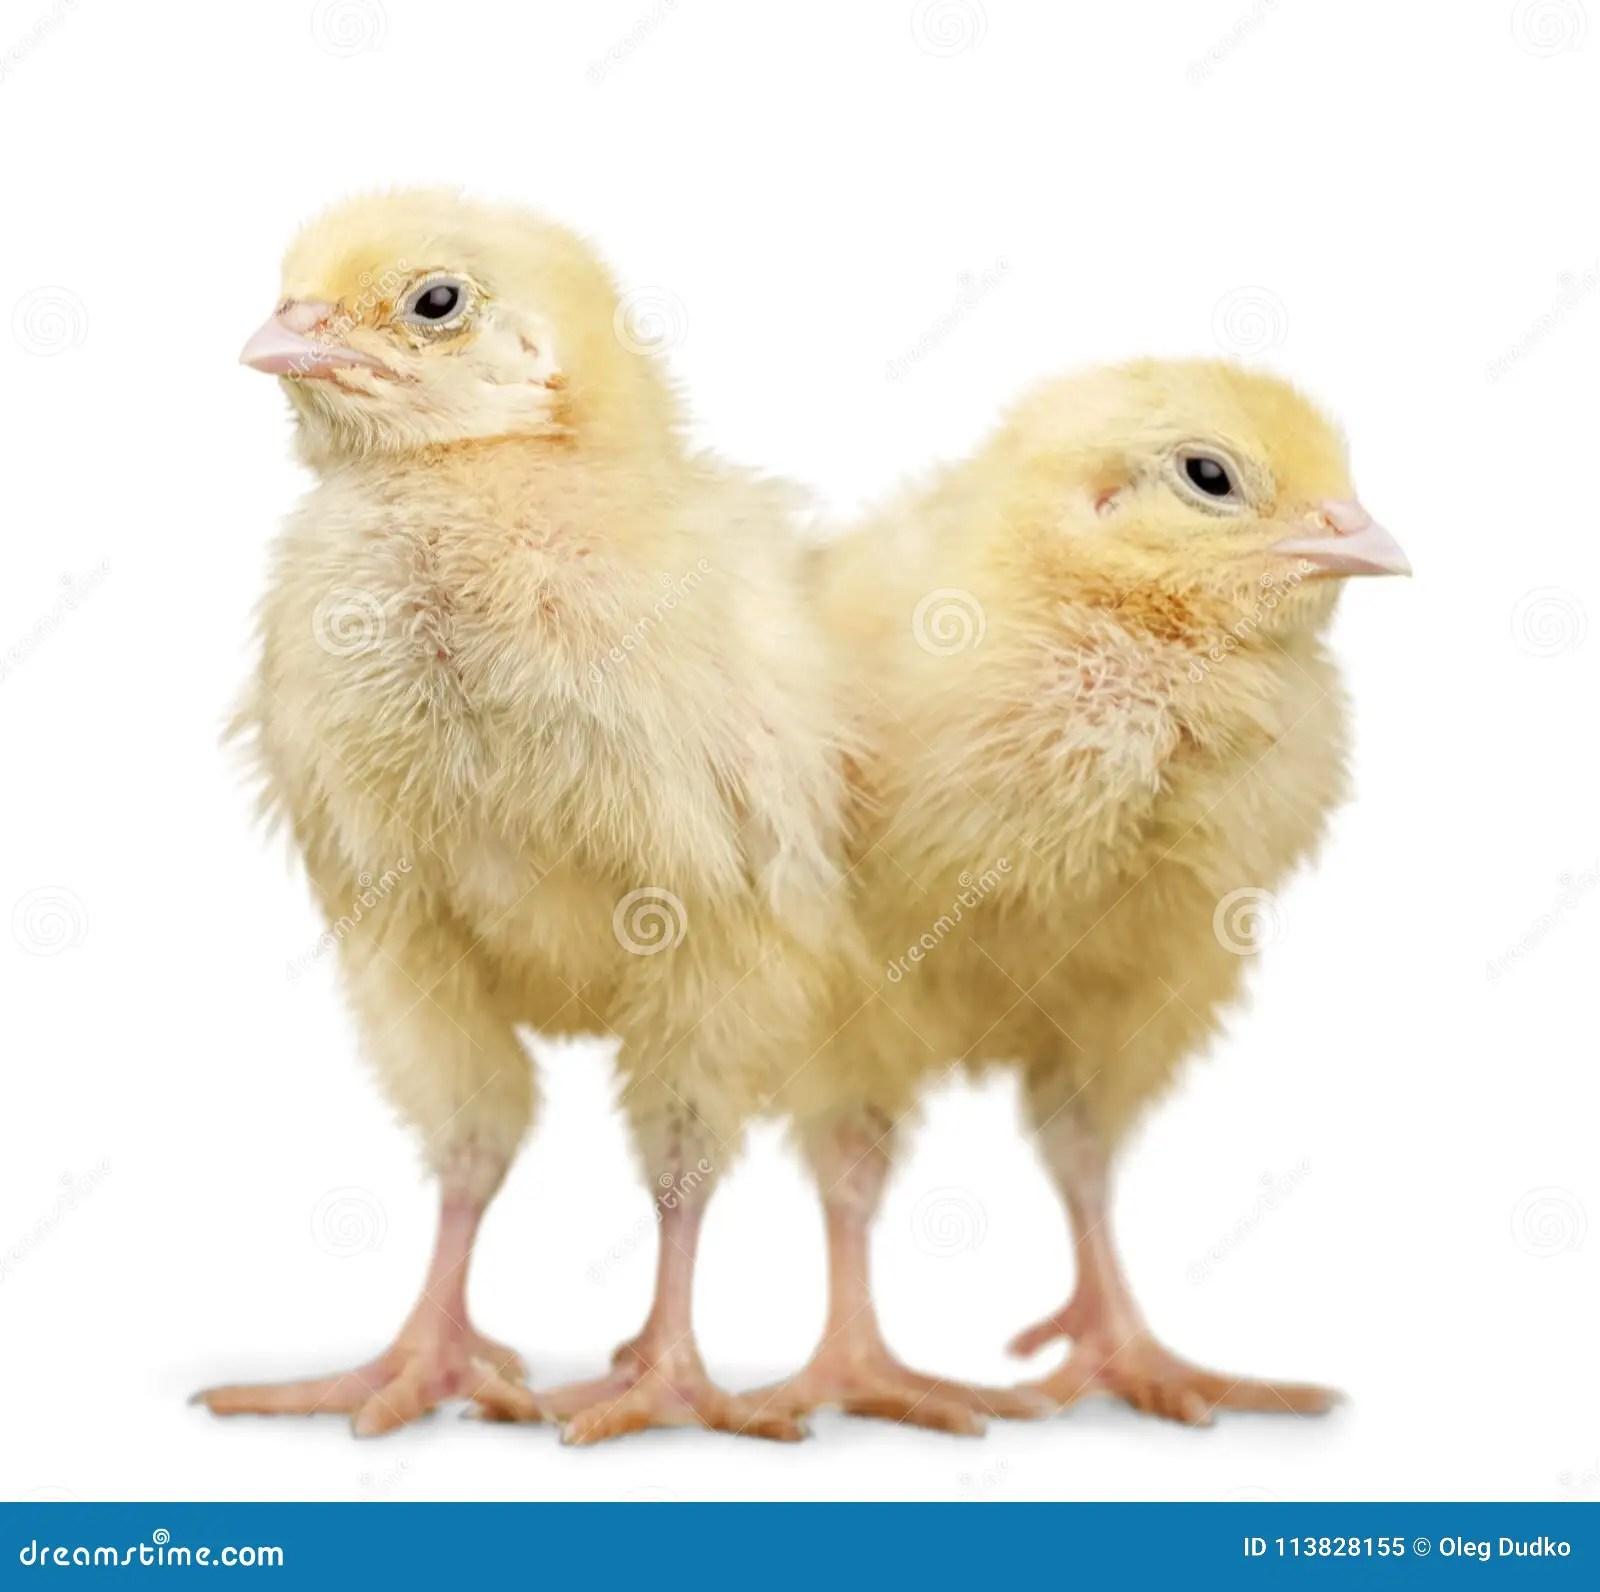 chicks baby chicken stock